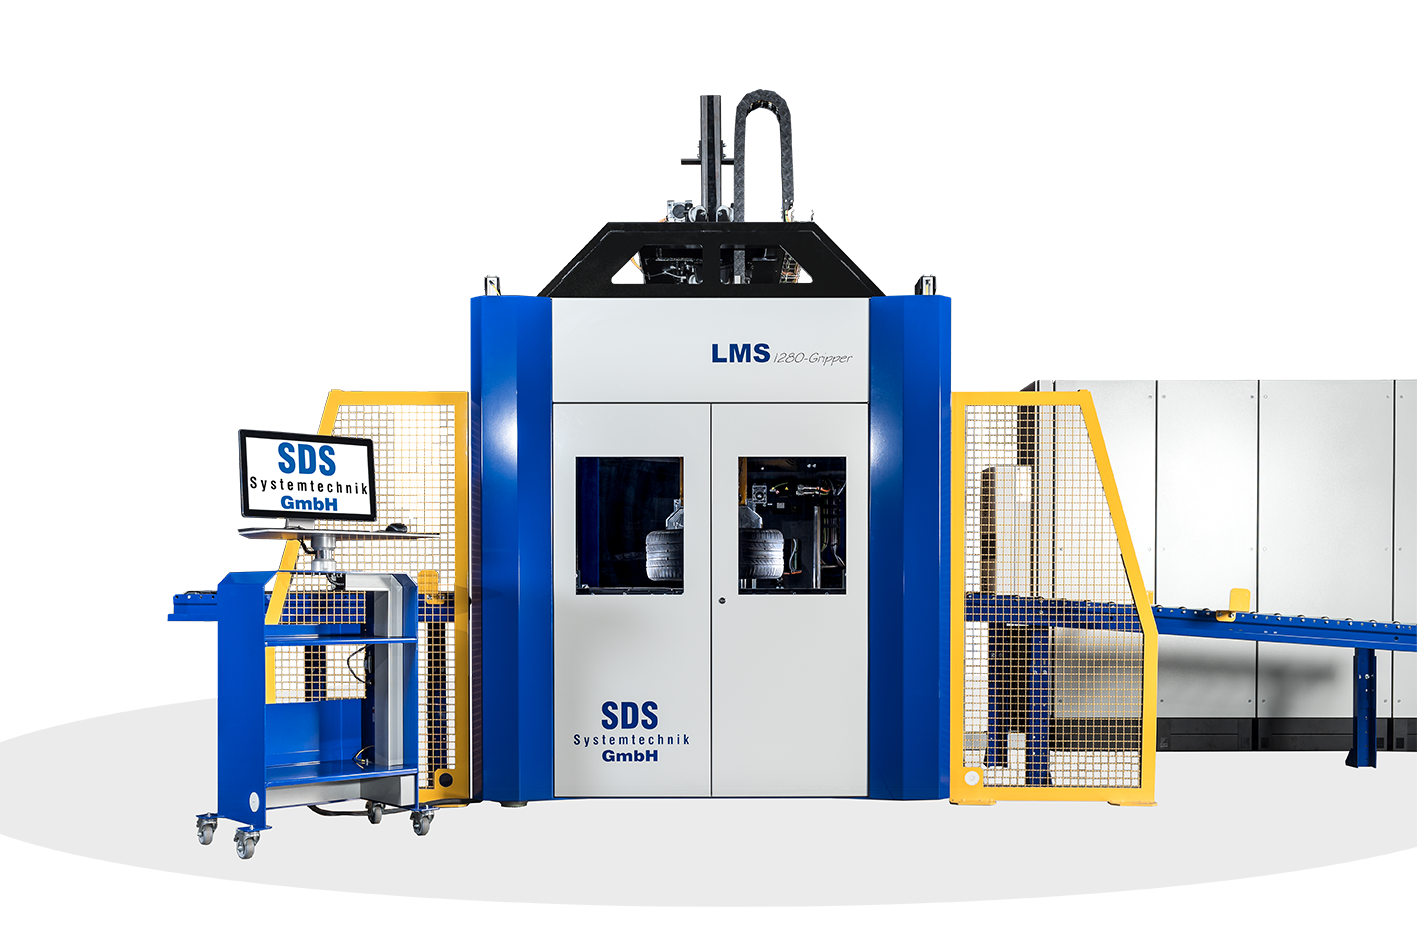 SDS Systemtechnik – LMS-Gripper (Laser Marking System)